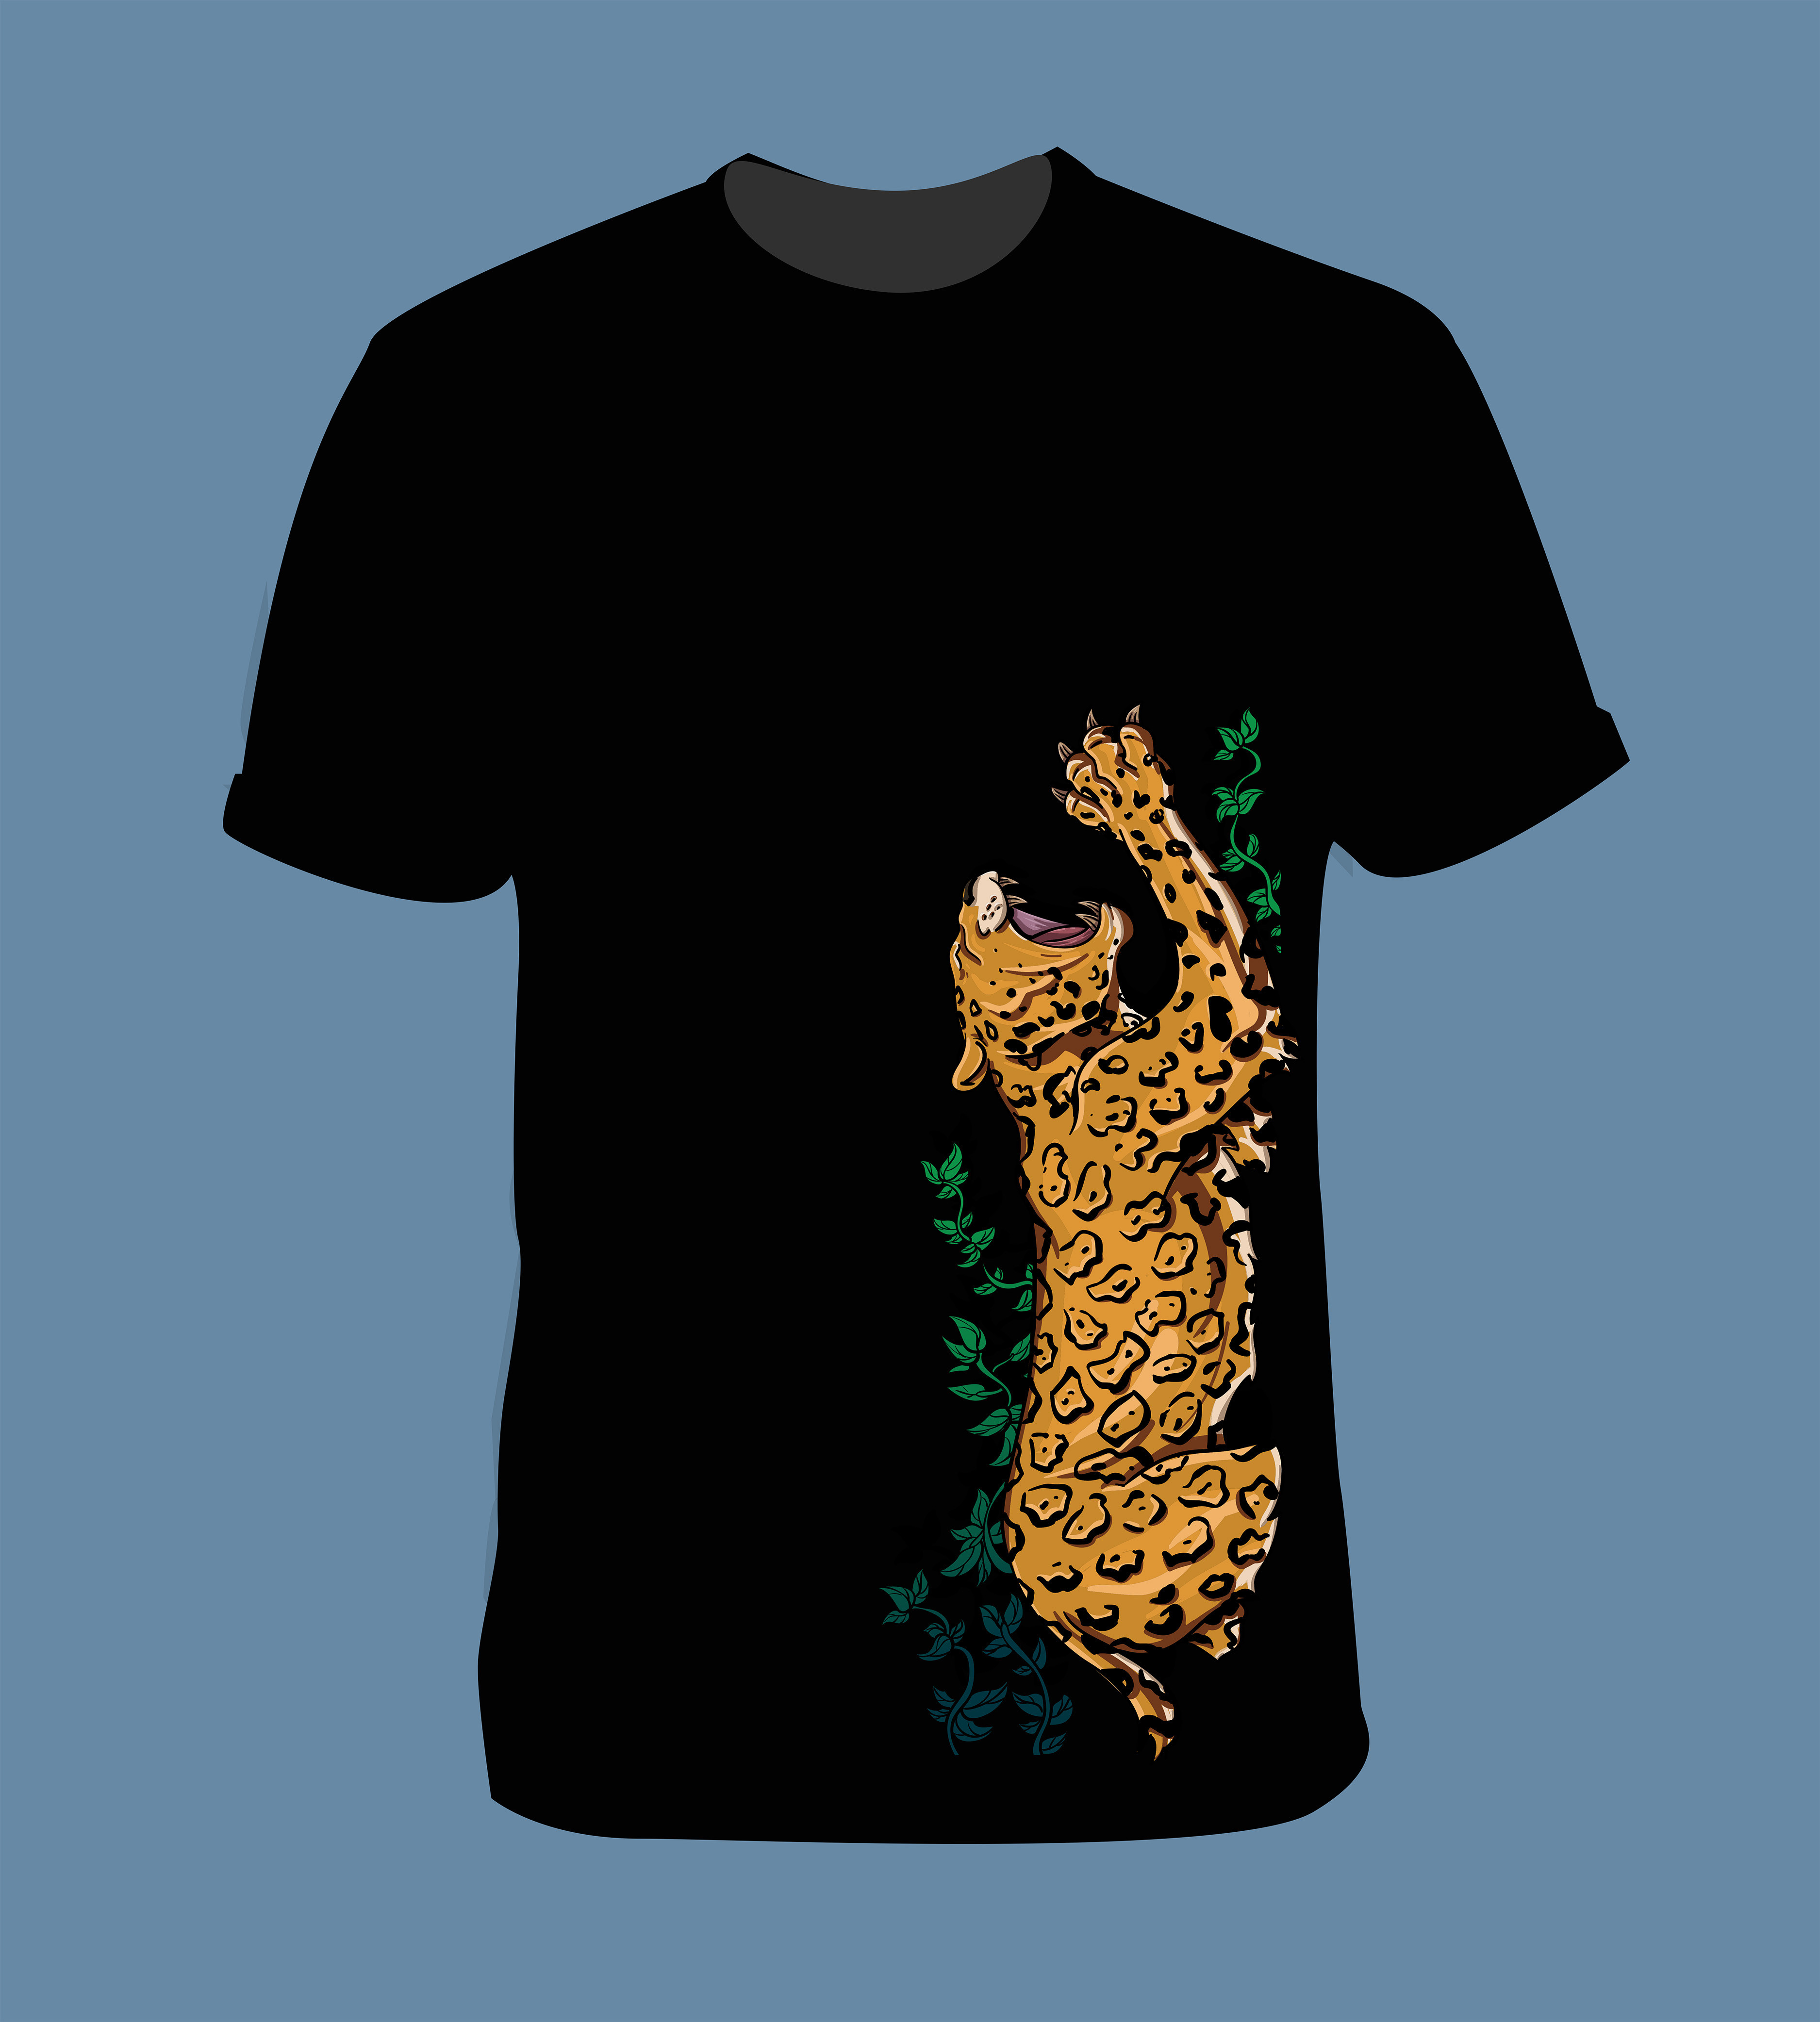 Vector illustration for merchandise development, eNVy Unltd clothing brand.